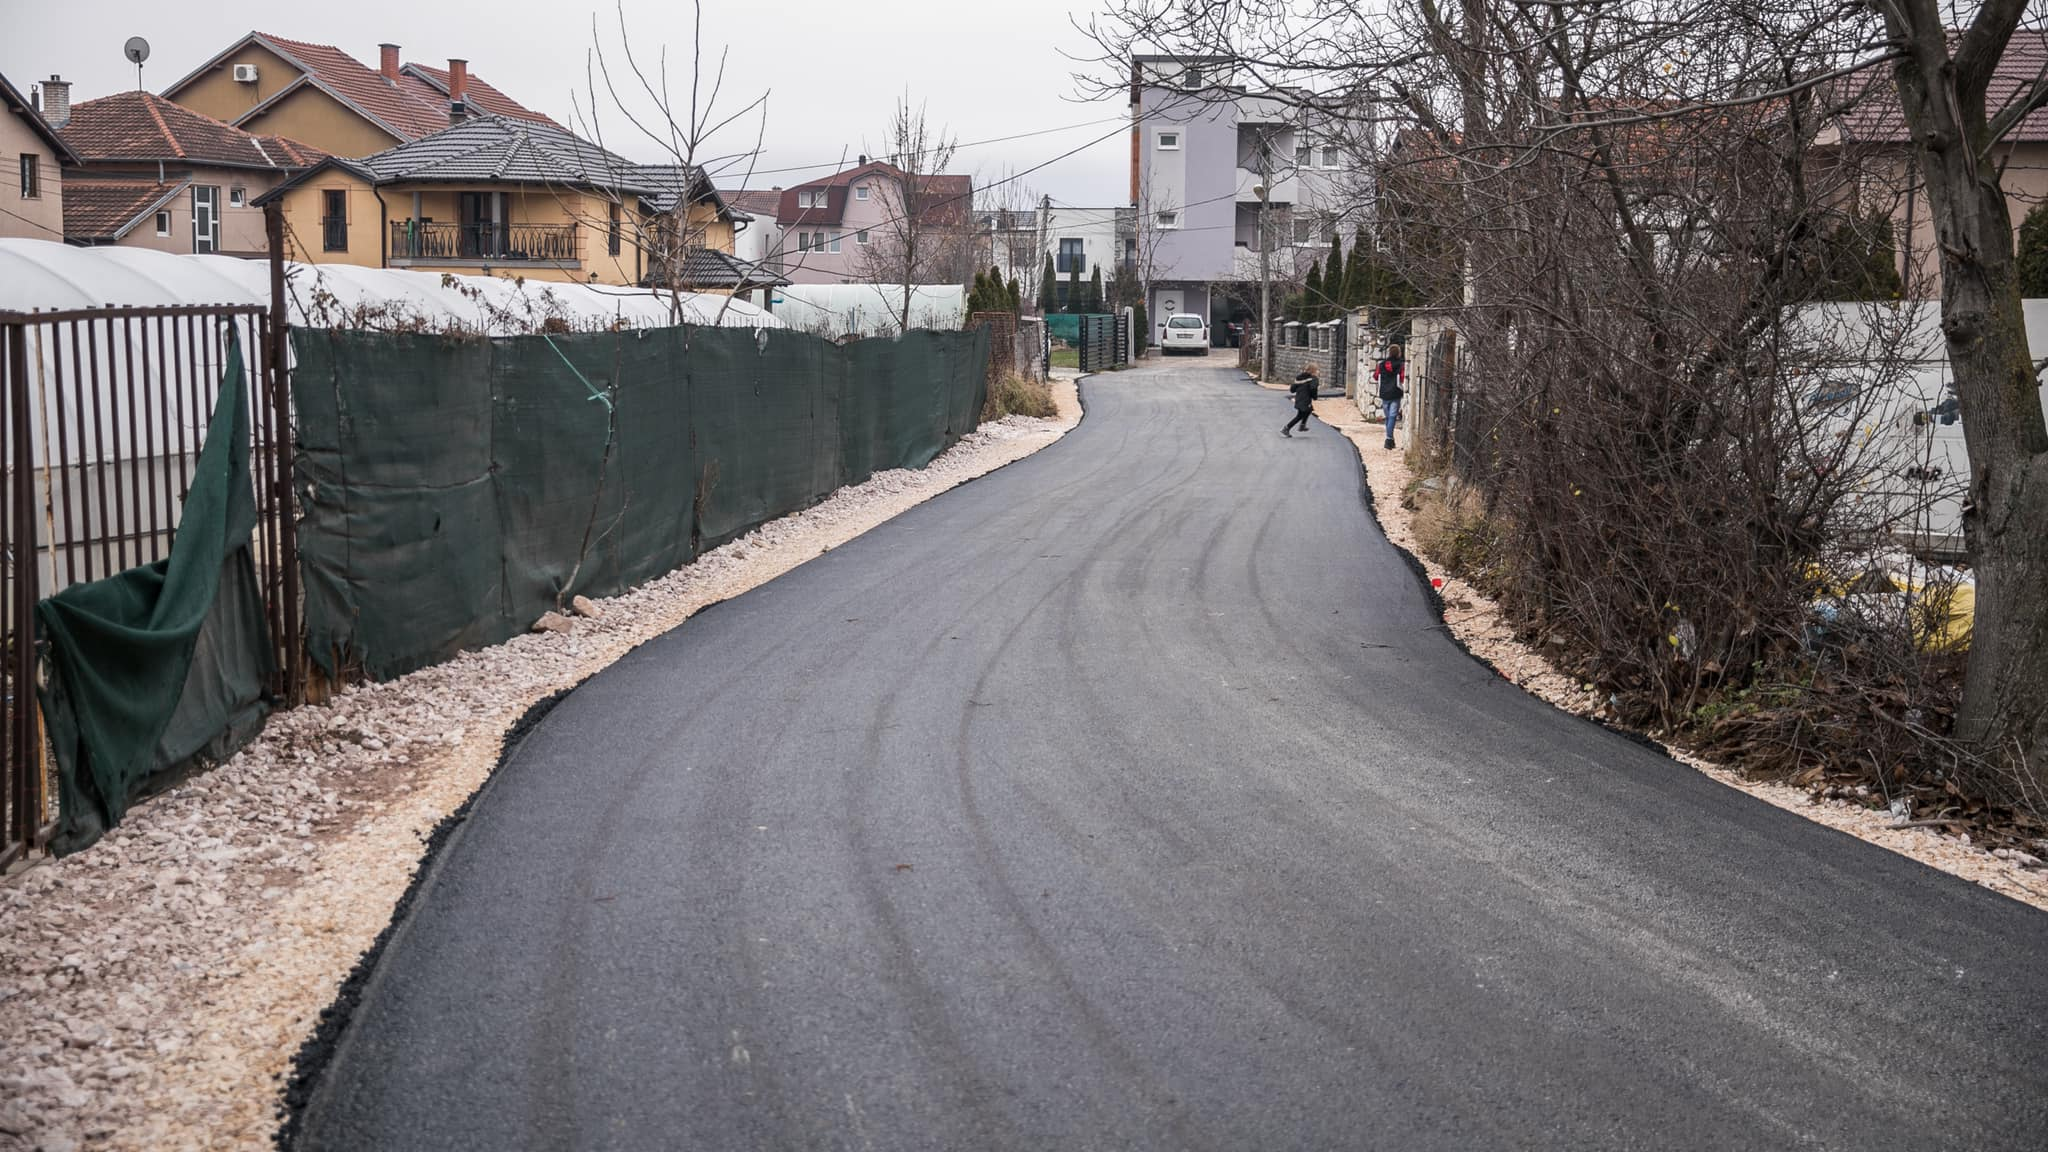 riza goga 17.12.2020 - Komuna e Ferizajt rregullon disa rrugë